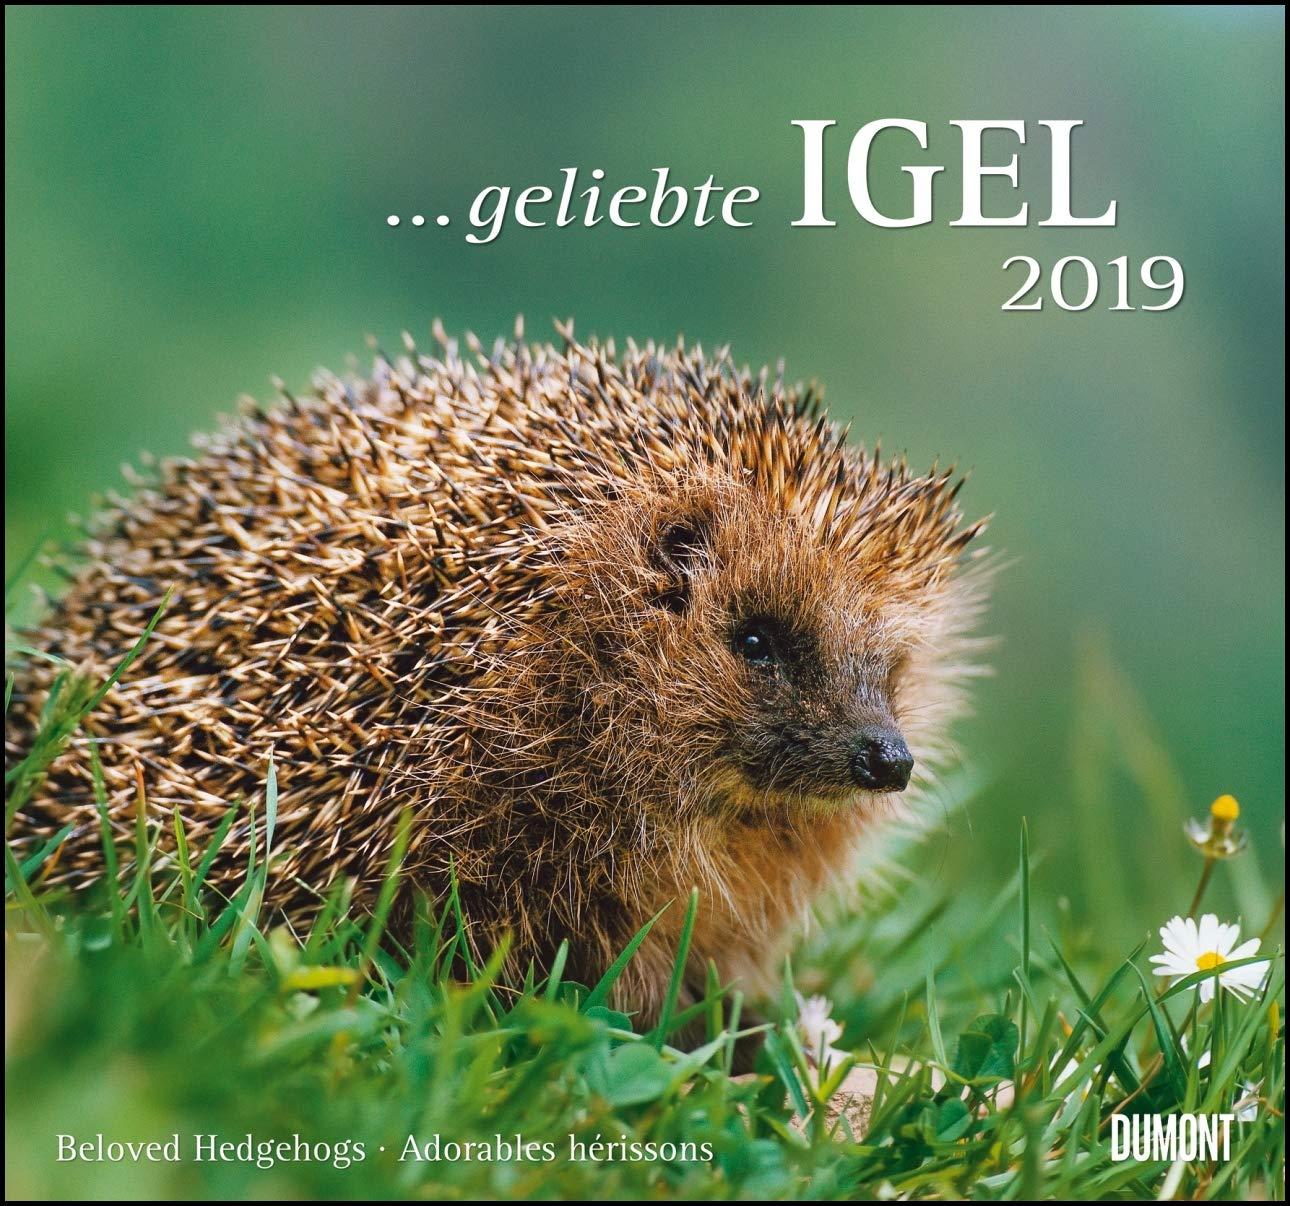 ... geliebte Igel 2019 - DuMont Wandkalender - mit den wichtigsten Feiertagen - Format 38,0 x 35,5 cm Kalender – 17. April 2018 DUMONT Kalenderverlag 3832041125 Garten / Pflanzen / Natur Igel (Kalender)